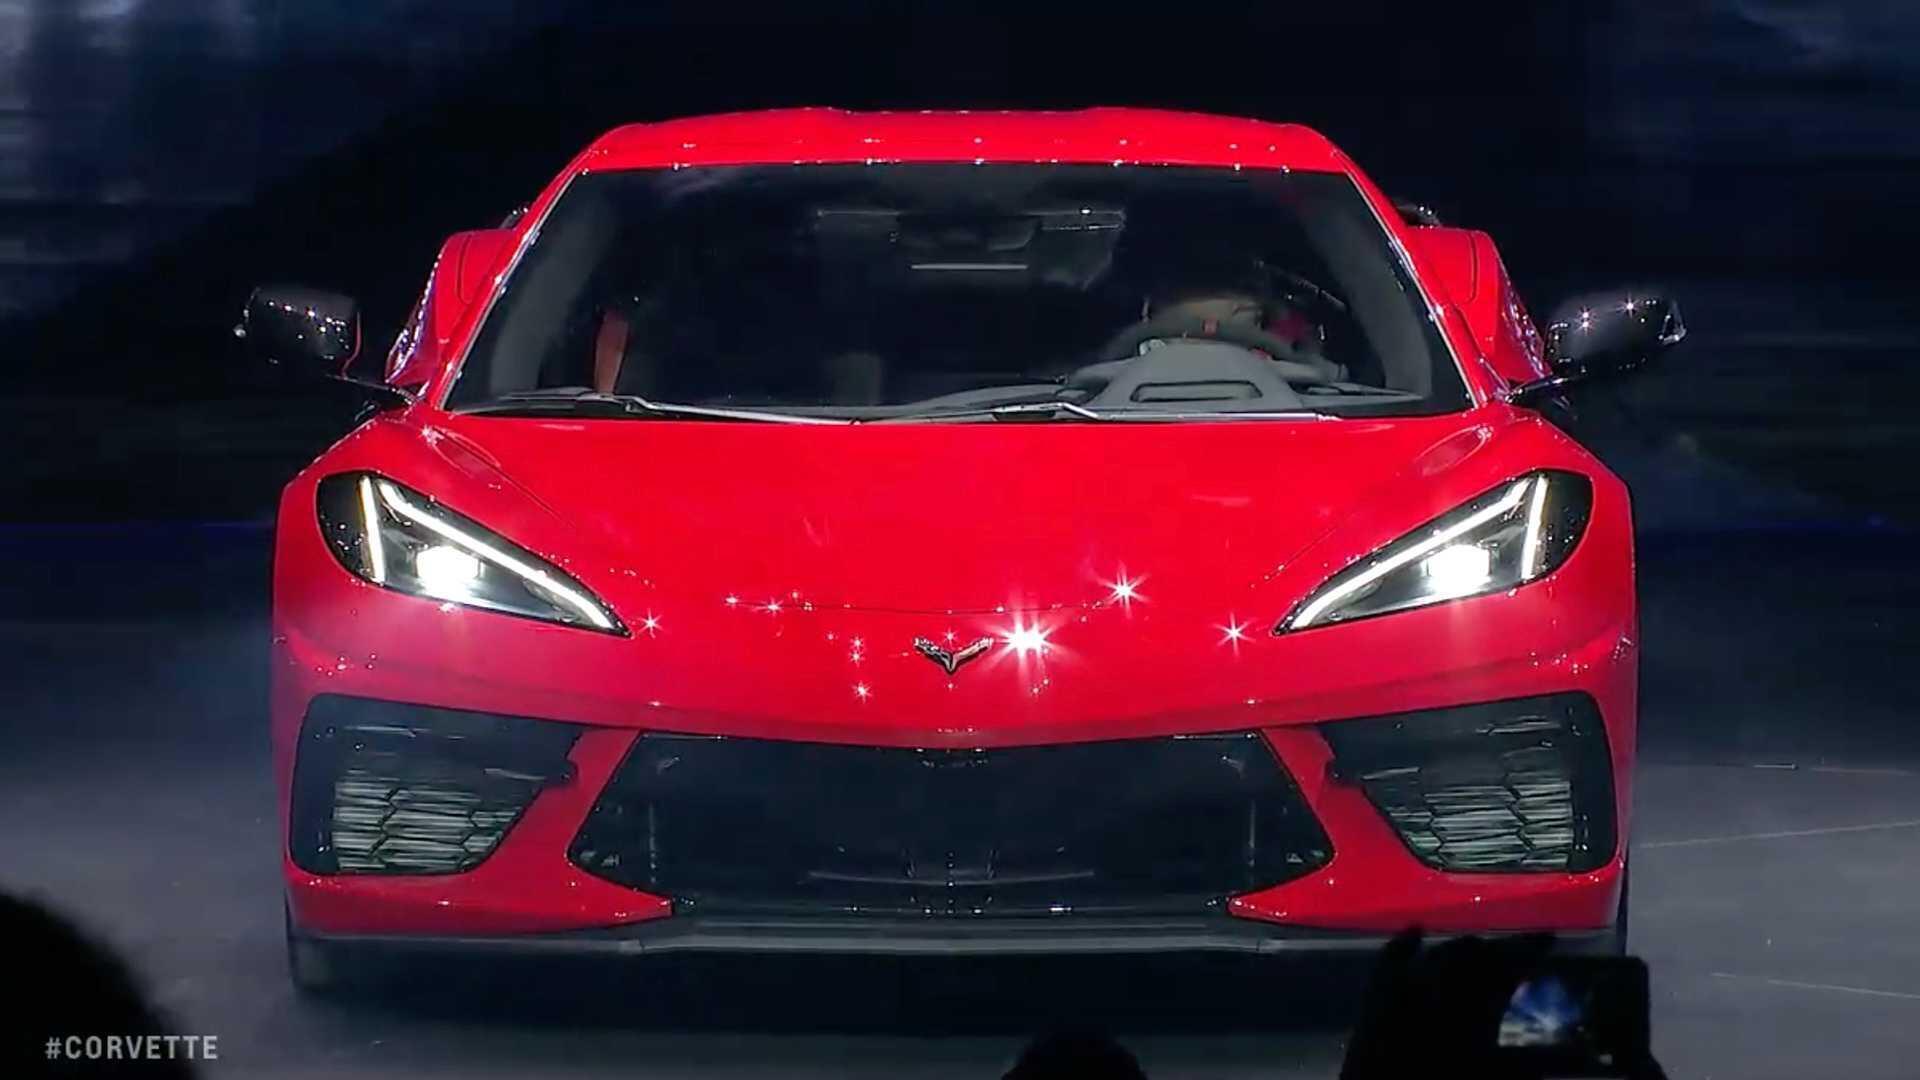 https://cdn.dailyxe.com.vn/image/chevrolet-corvette-2020-co-mot-so-tinh-nang-an-tuyet-voi-19-94507j2.jpg